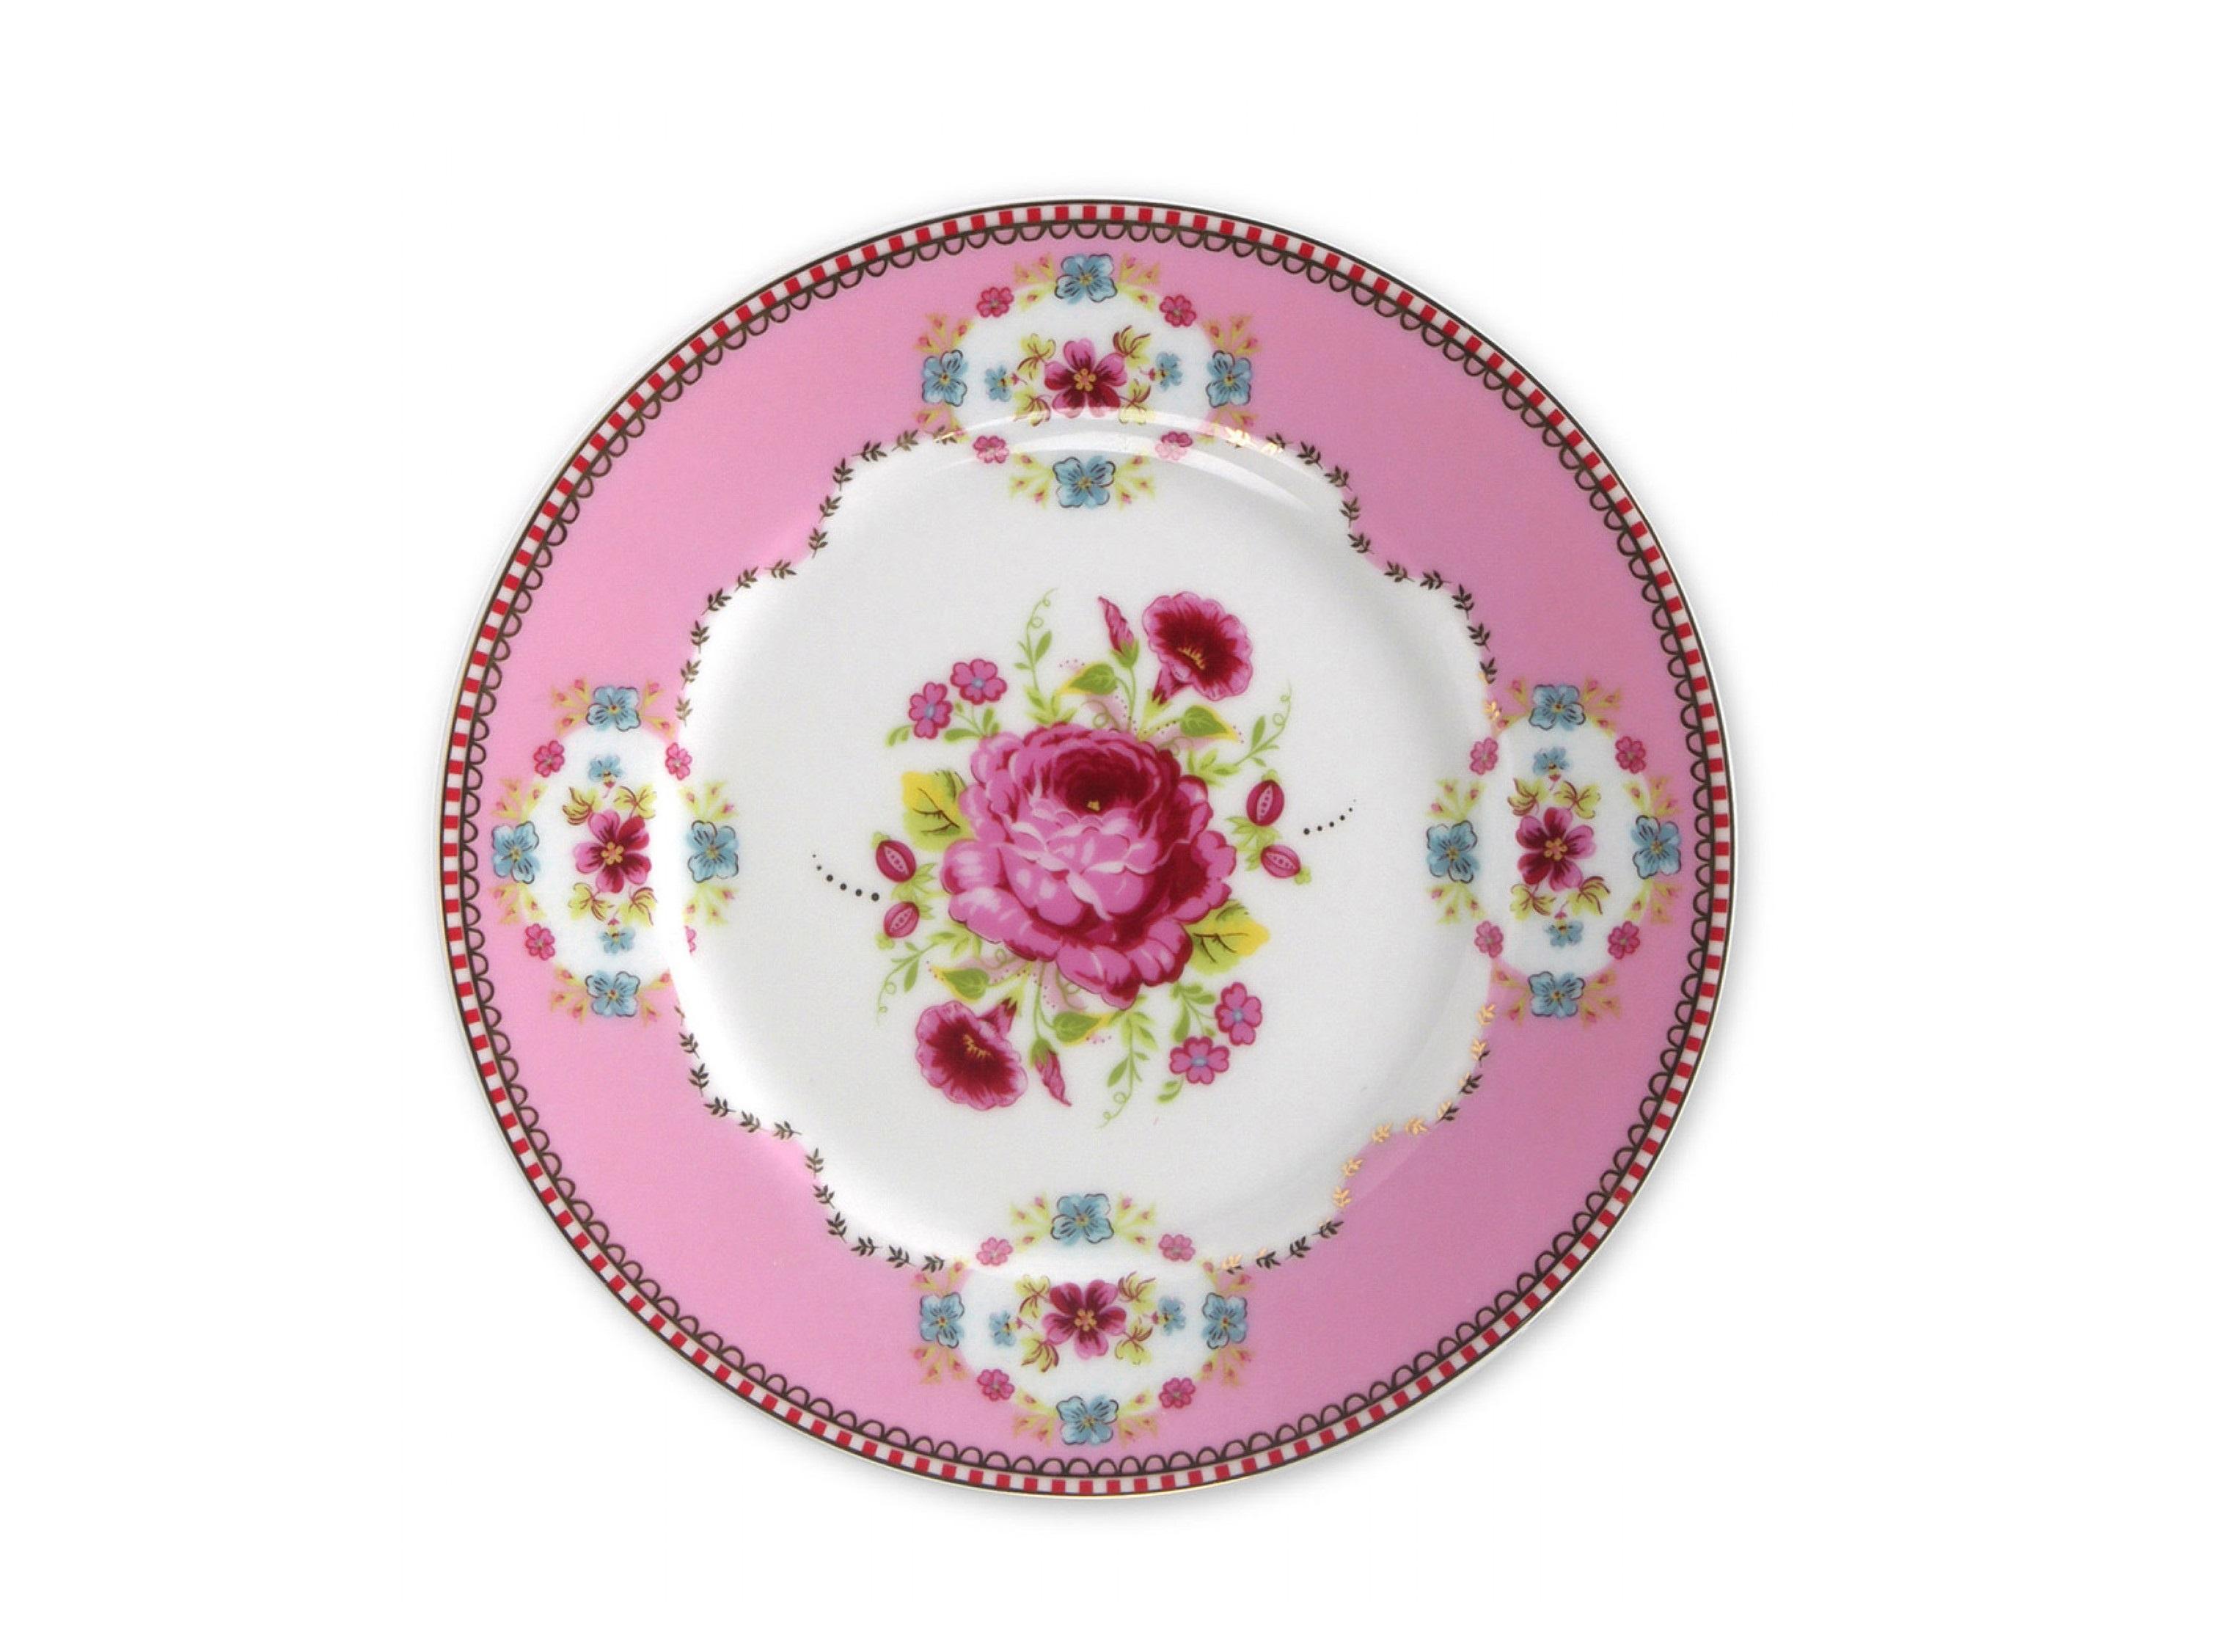 Набор тарелок Floral Pink (2шт)Тарелки<br>Коллекция посуды Floral появилась в 2008 г. и состоит из нескольких дизайнов, которые прекрасно сочетаются между собой и отлично дополняют друг друга. Особенность коллекции - в декорировании цветами, птицами и позолотой на всех предметах. Коллекция состоит из трёх цветовых групп - розовой, хаки и голубой, которые можно бесконечно комбинировать между собой. Коллекция также включает в себя кухонный текстиль и стекло.&amp;lt;div&amp;gt;&amp;lt;br&amp;gt;&amp;lt;/div&amp;gt;&amp;lt;div&amp;gt;&amp;lt;span style=&amp;quot;font-size: 14px;&amp;quot;&amp;gt;Не использовать в микроволновой печи. Не рекомендуется мыть в посудомоечной машине.&amp;amp;nbsp;&amp;lt;/span&amp;gt;&amp;lt;br&amp;gt;&amp;lt;/div&amp;gt;<br><br>Material: Фарфор<br>Высота см: 2